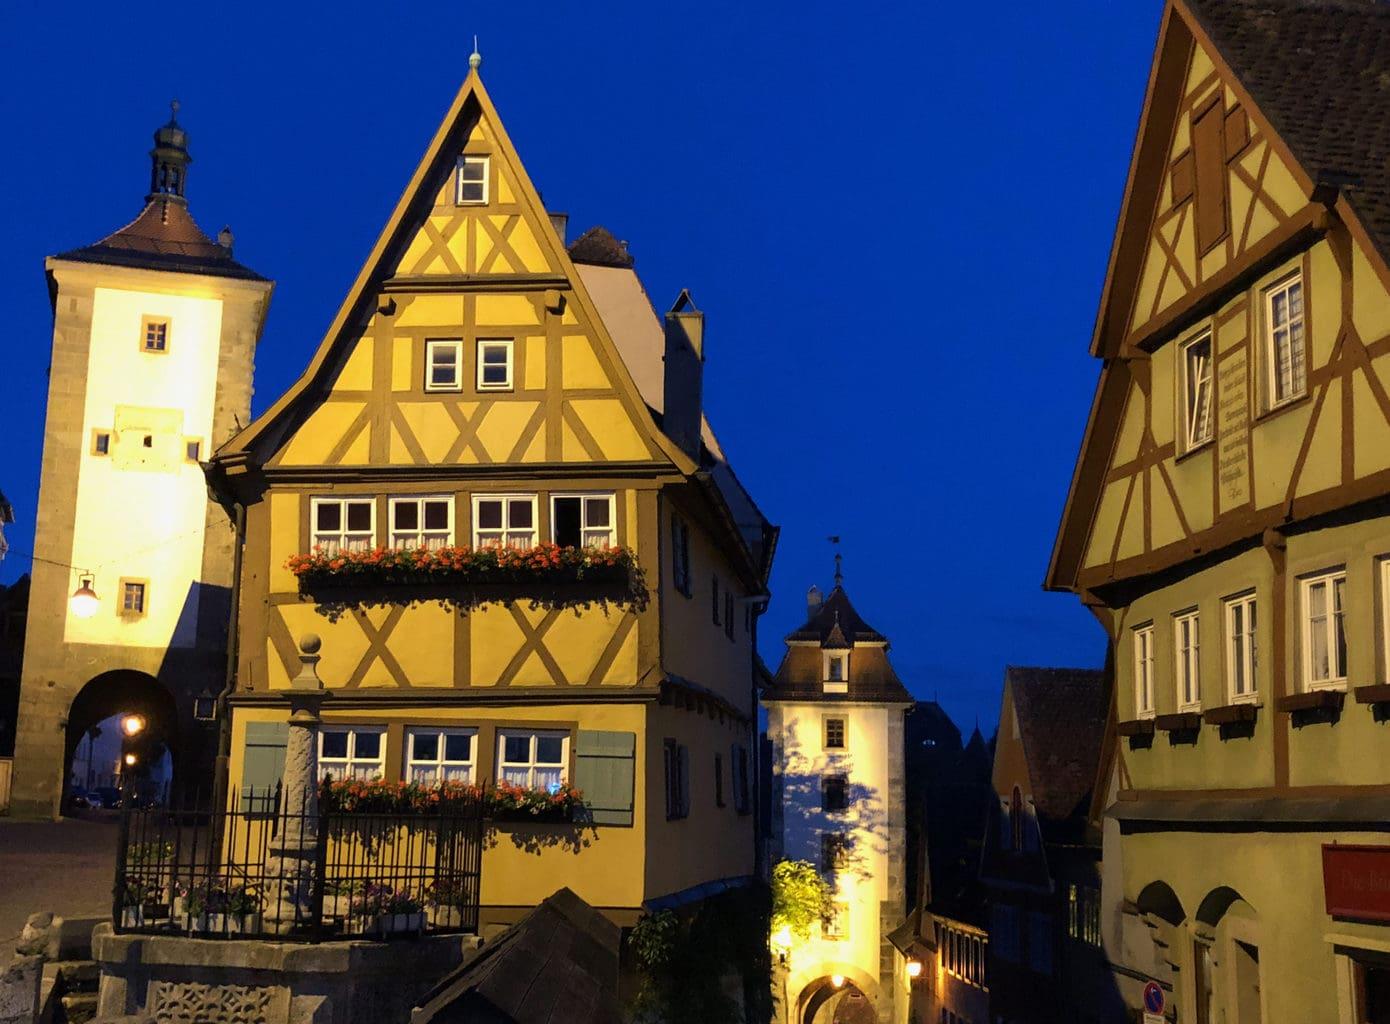 Het Plönlein in Rothenburg ob der Tauber is werelberoemd en werd zelf in de Pinokkio-film van 1940 gebruikt